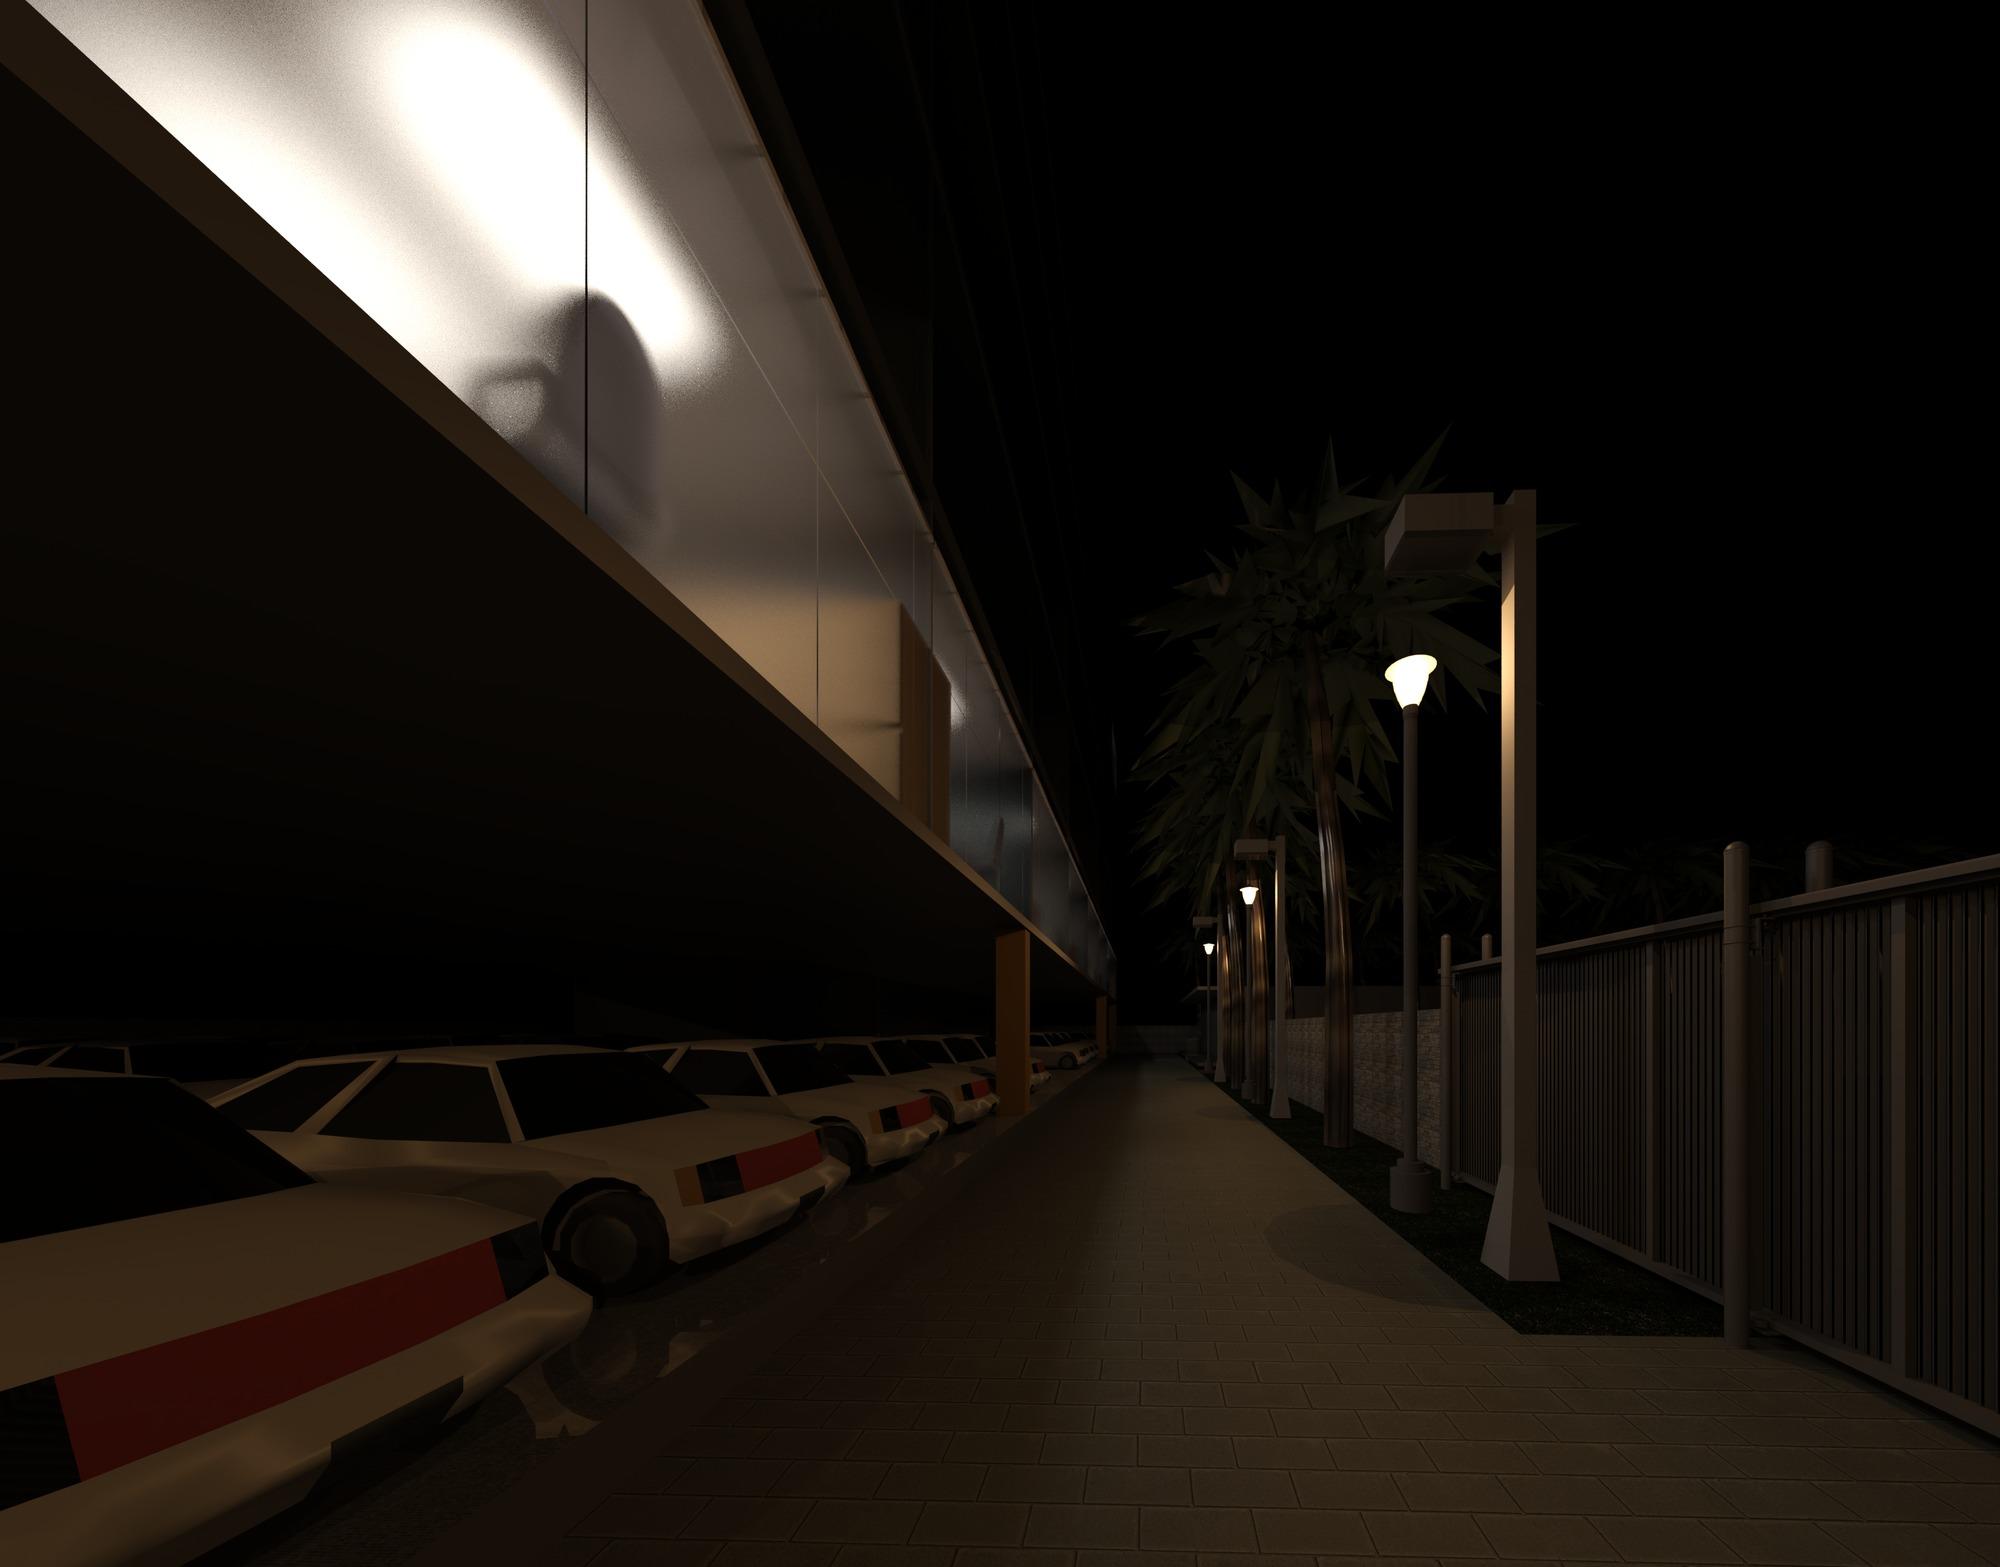 Raas-rendering20141111-24760-1voc1k7